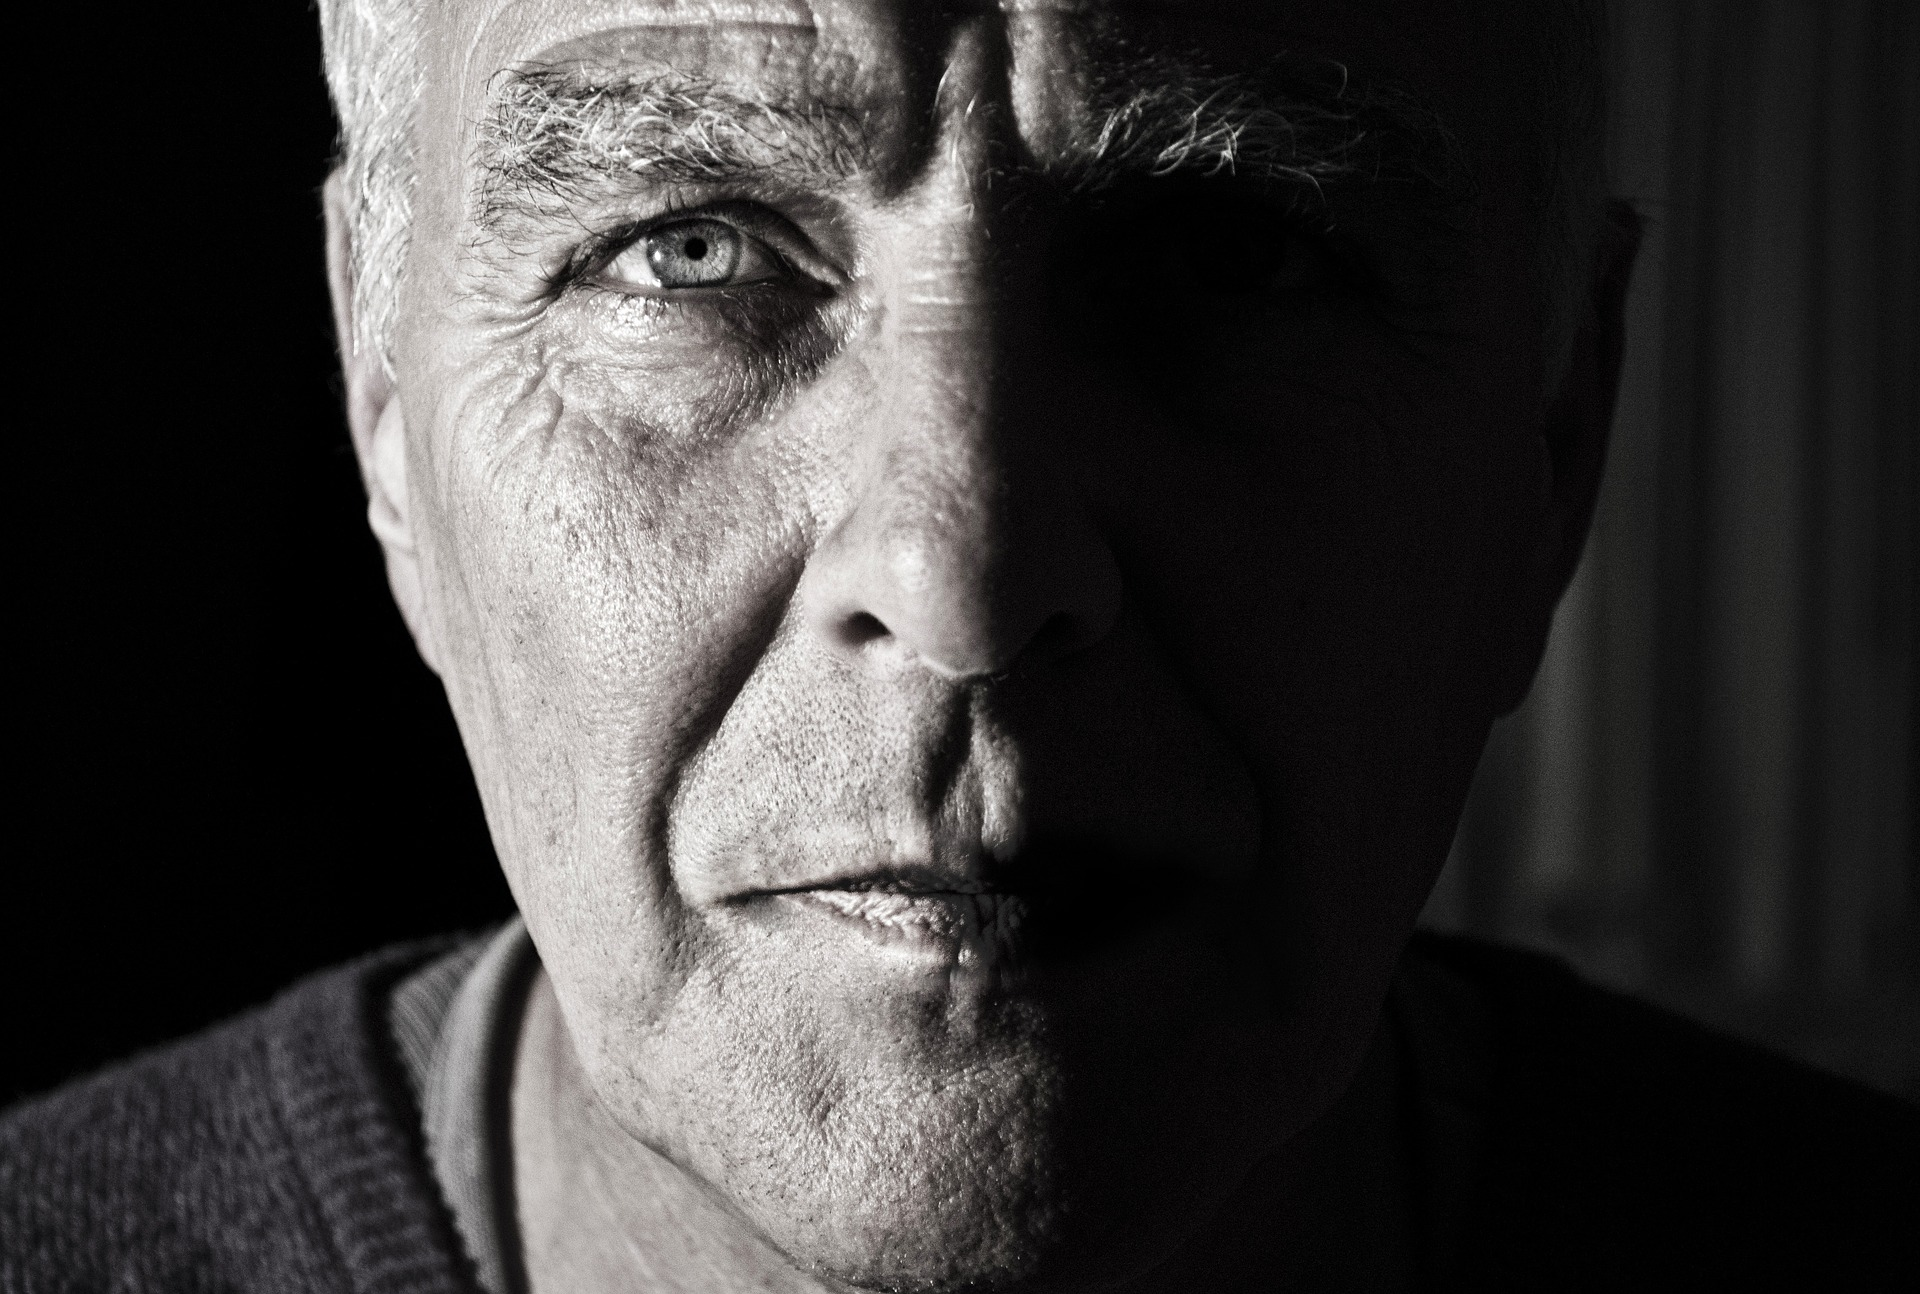 ¿Cuáles son los primeros síntomas de una parálisis facial?